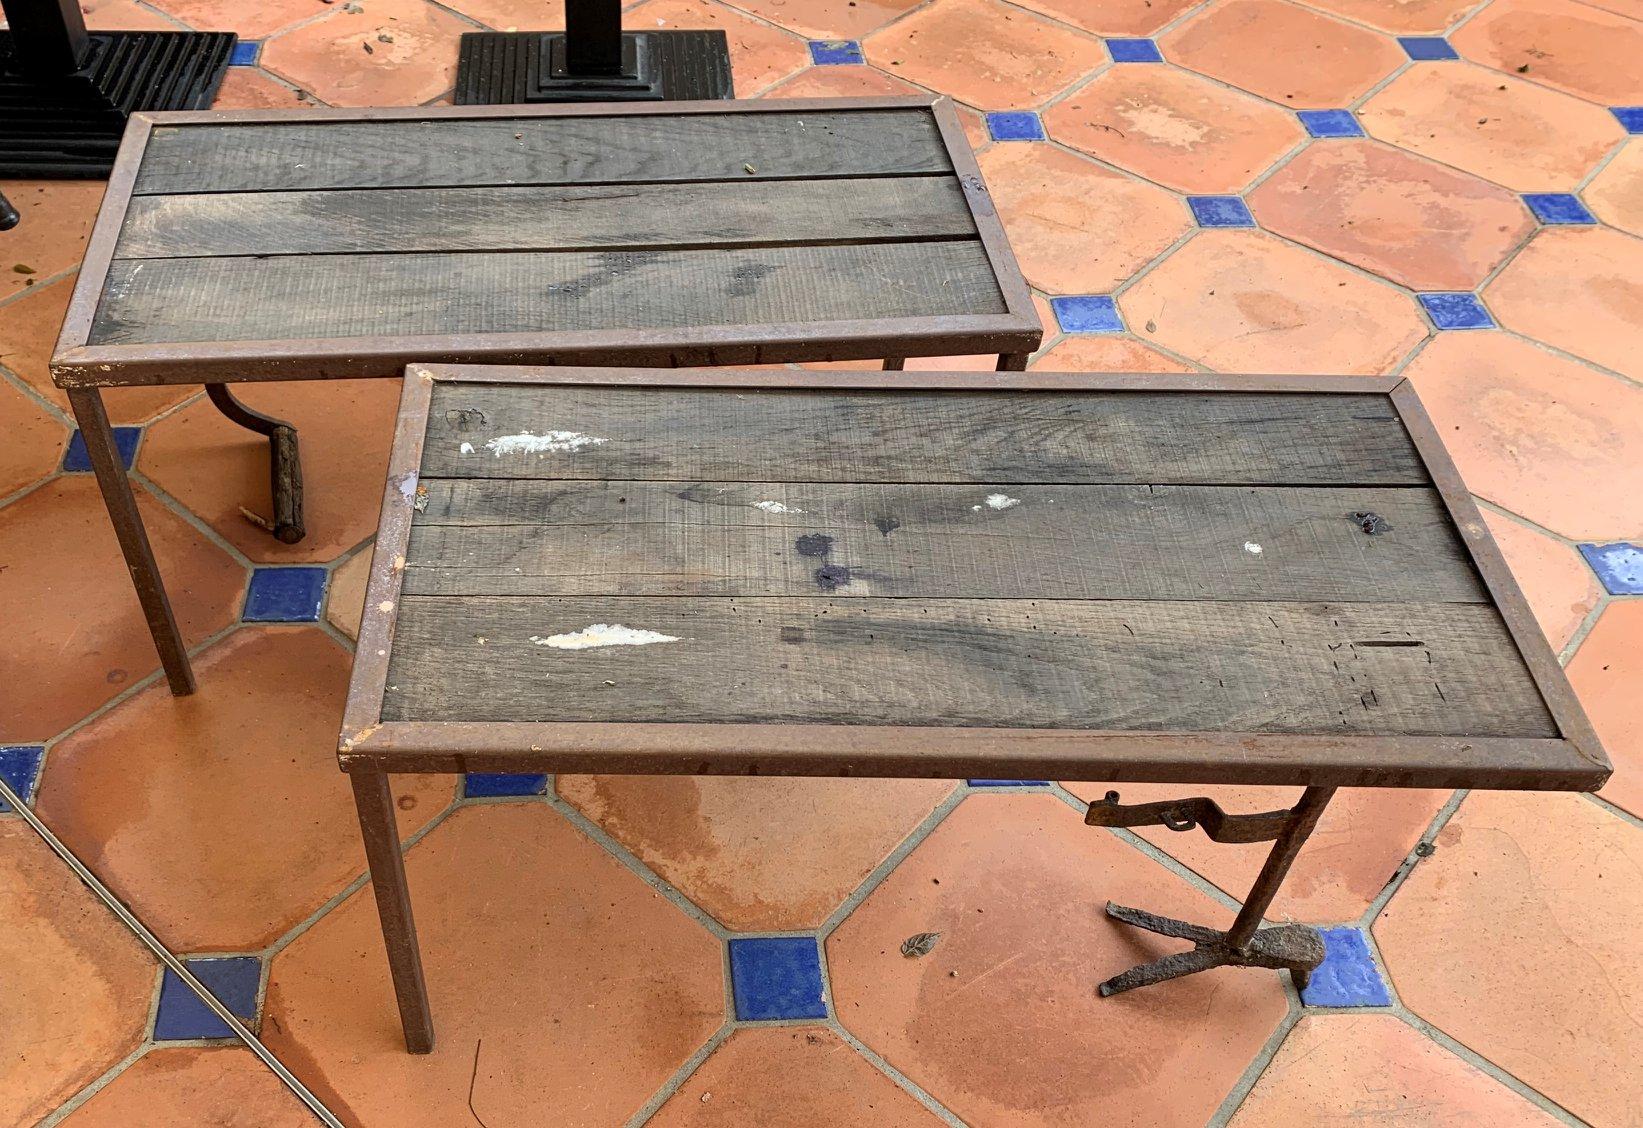 restauration-meuble-bois-et-metal-lisle-jourdain-05